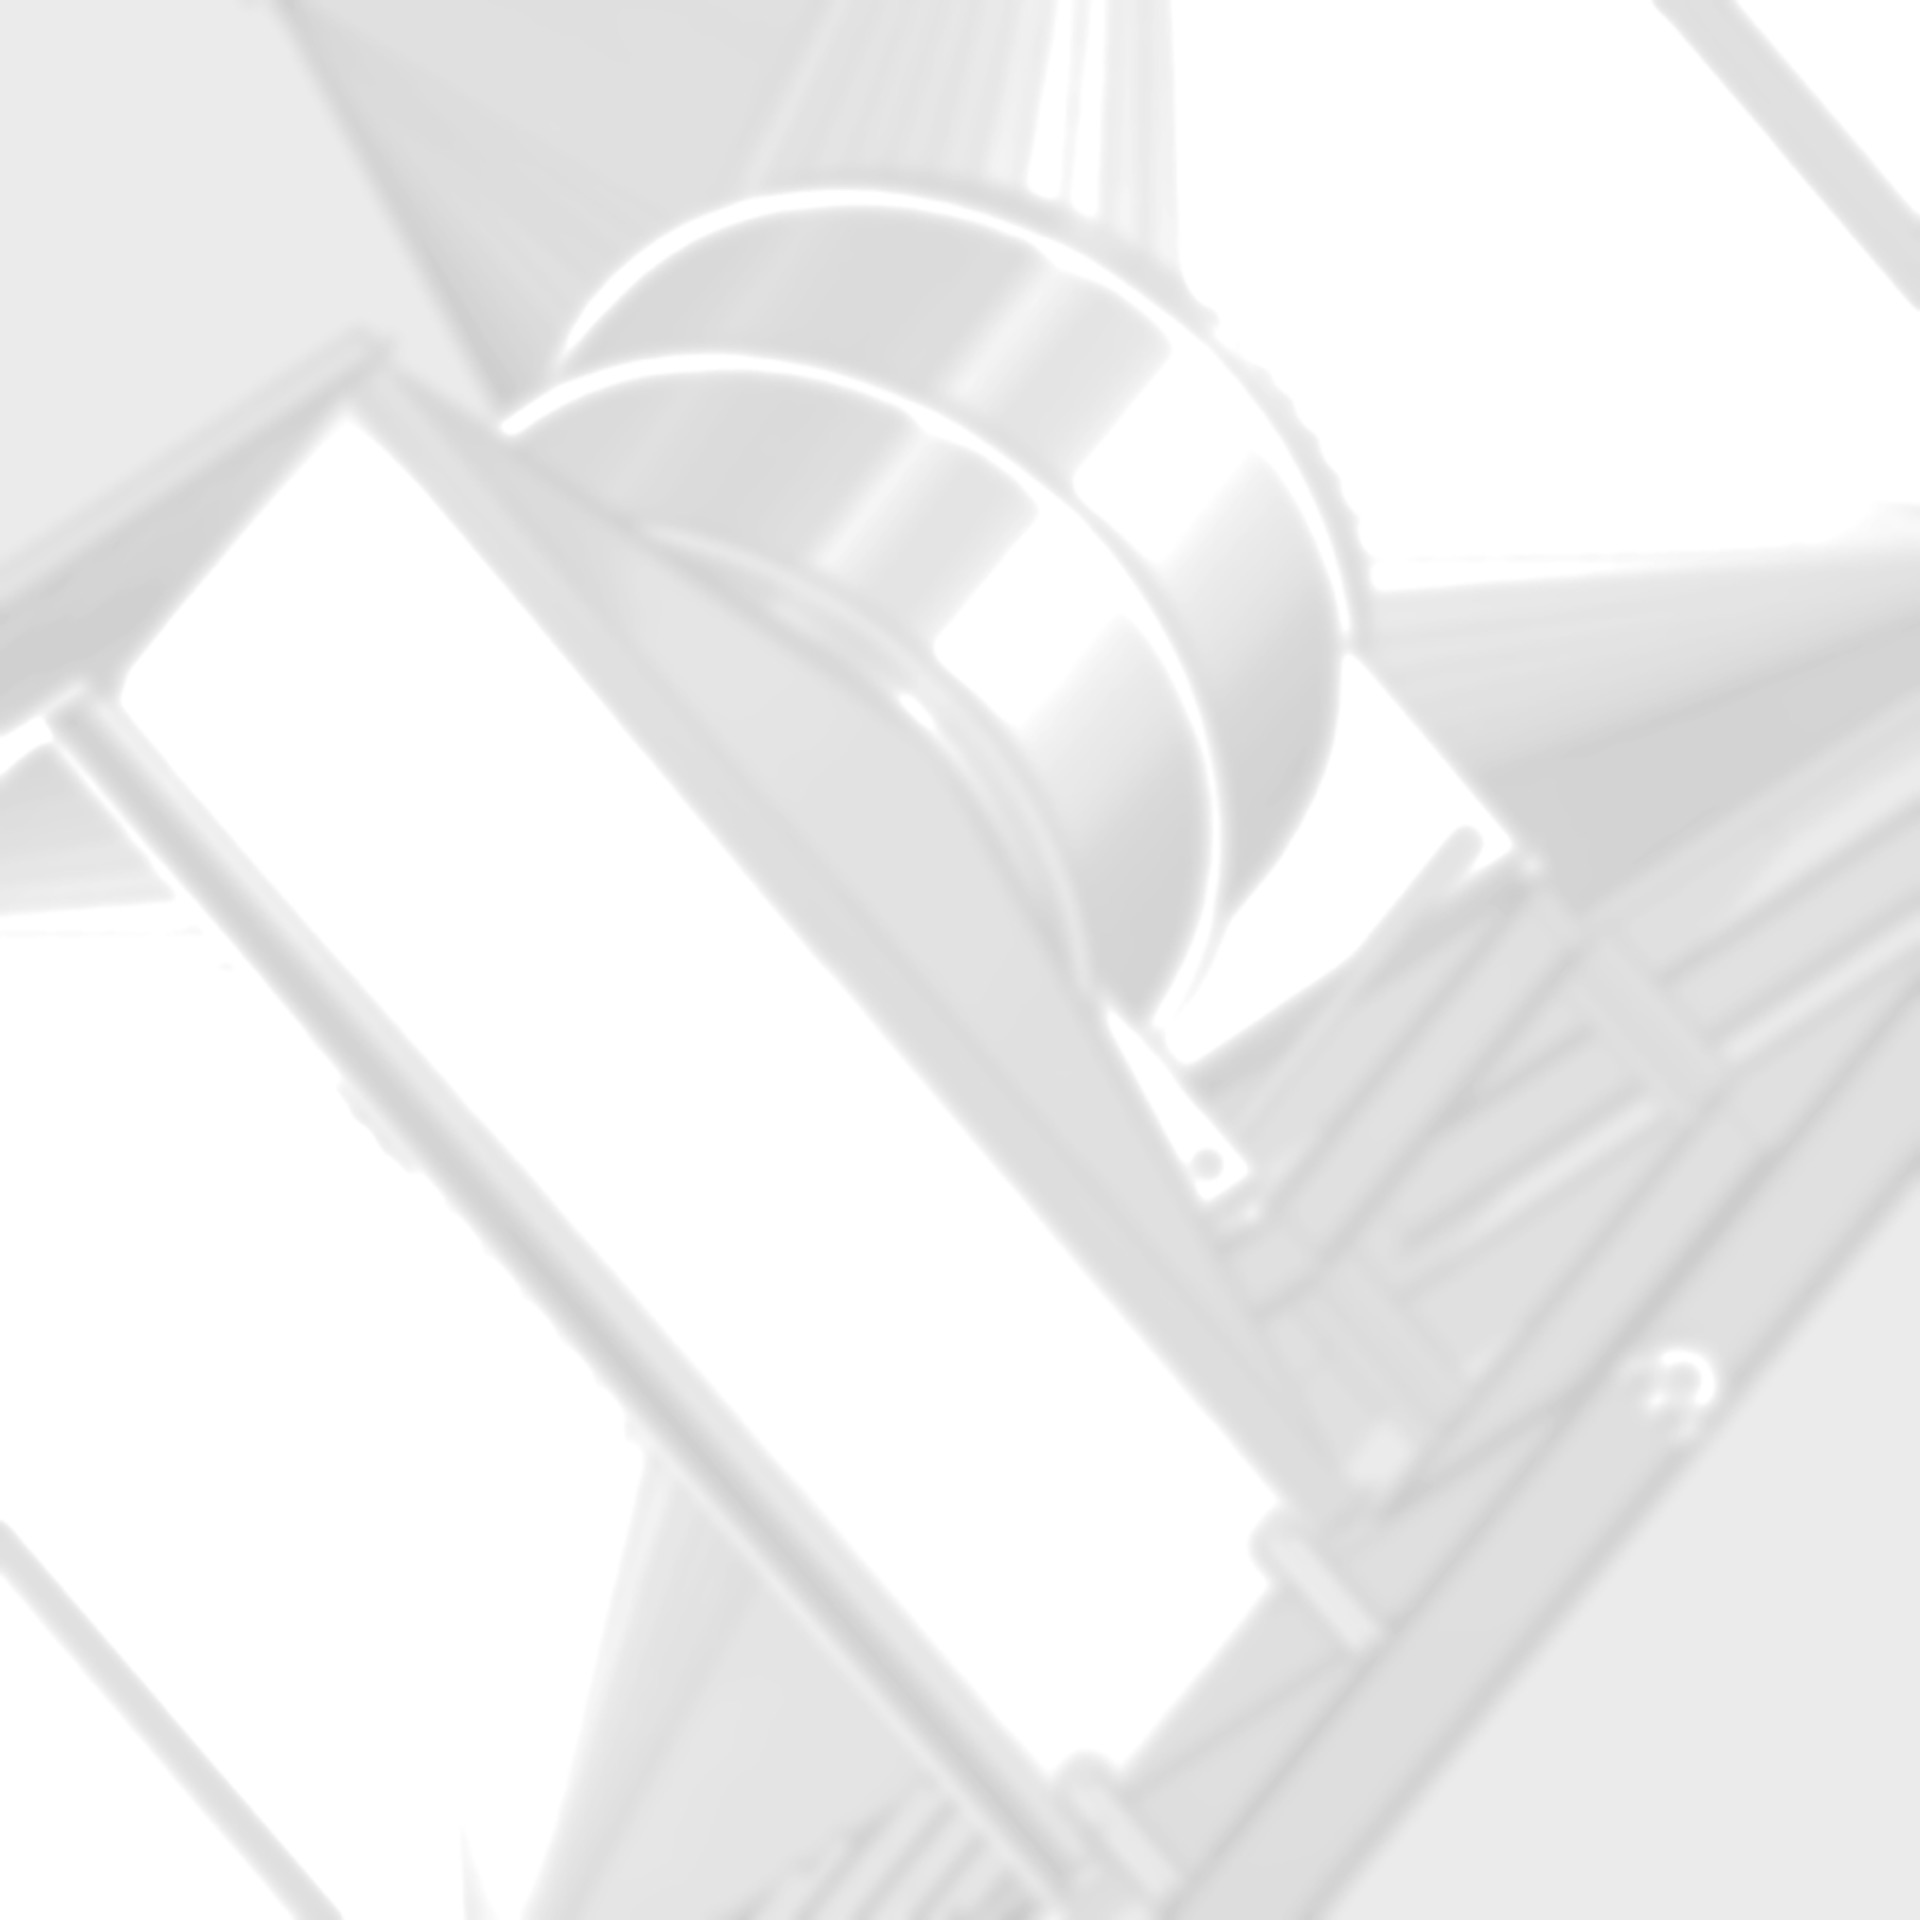 GWA_engineering_made_in_germany_4_Gesellschaft_fuer_Waerme_und_Anlagentechnik_mbH_monochrom